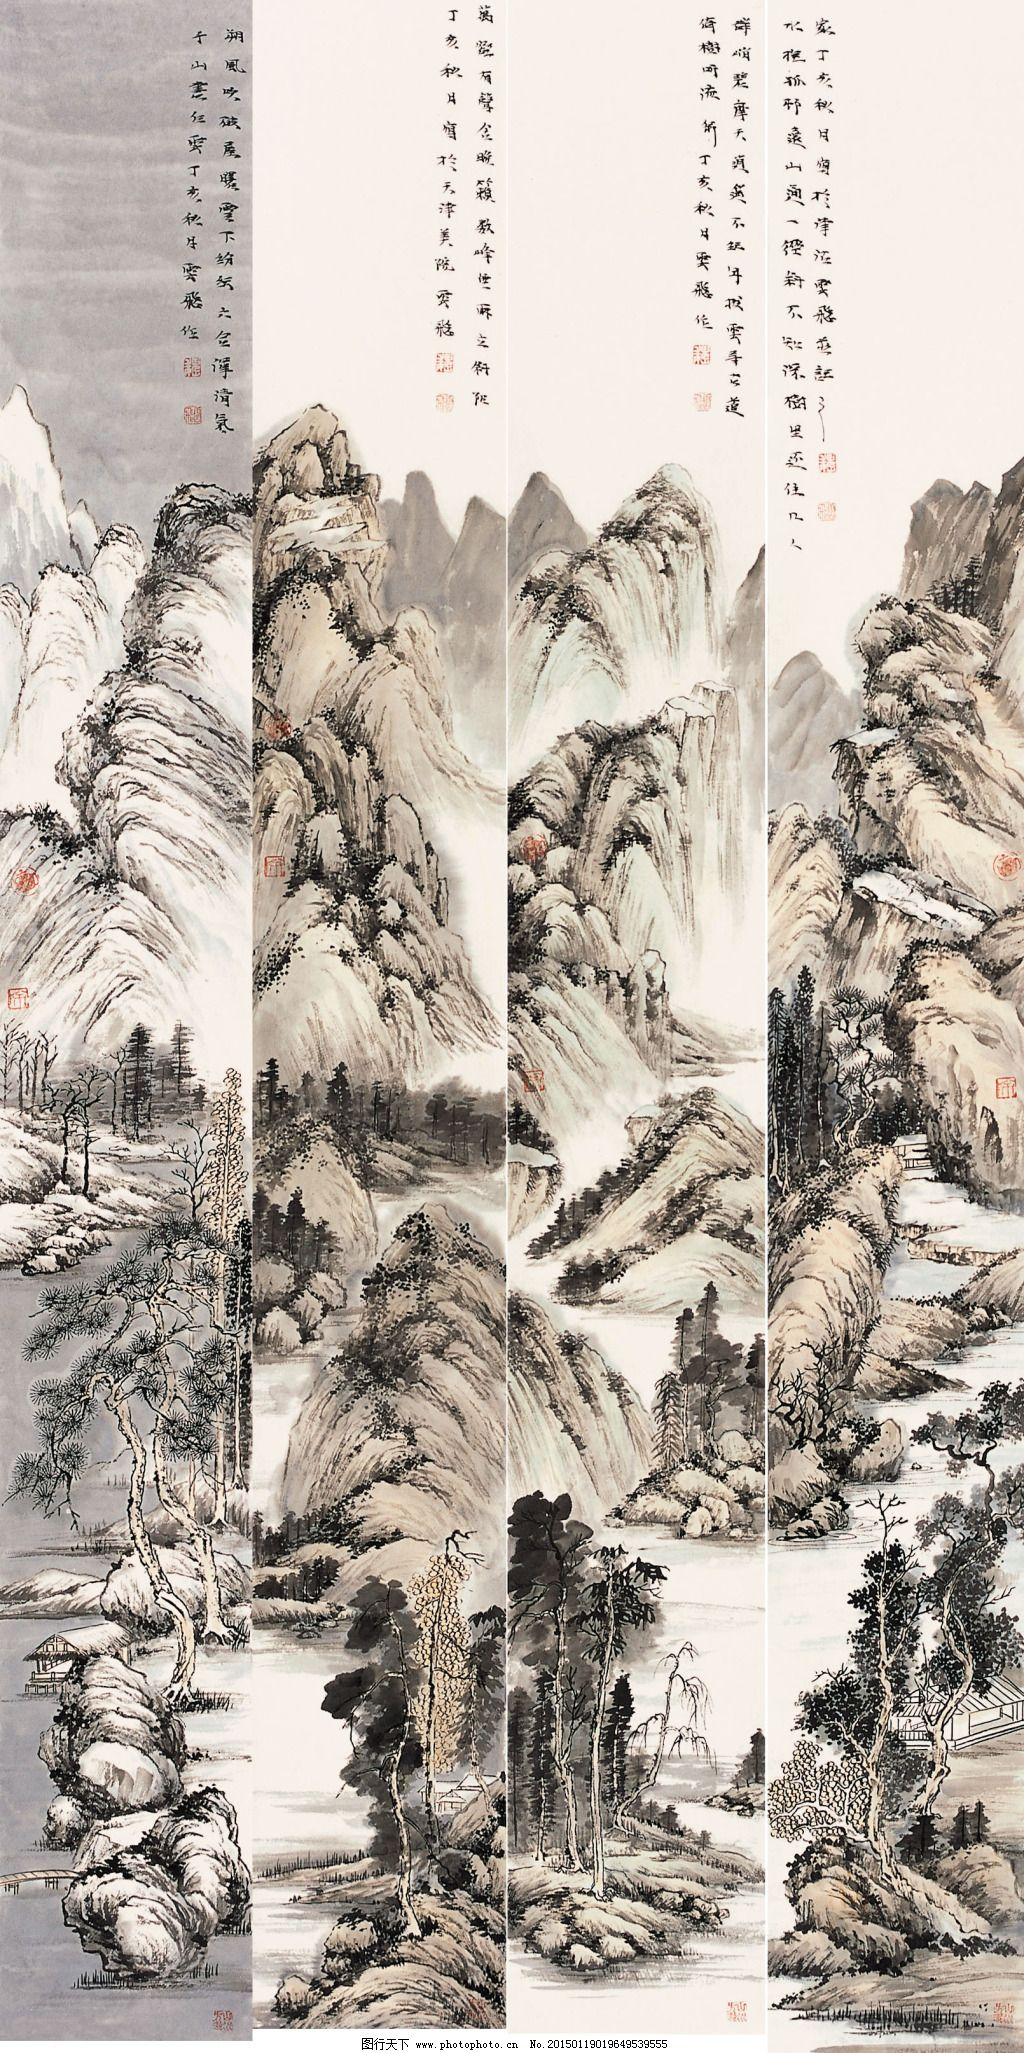 山水含春碧迢迢免费下载 刺绣 江水 柳树 山峦 松树 写意山水画 中国